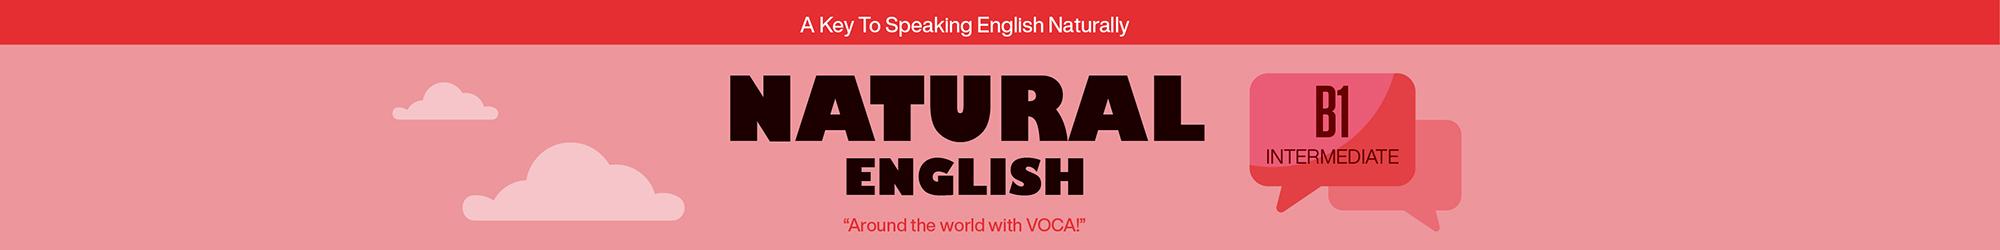 NATURAL ENGLISH B1 banner